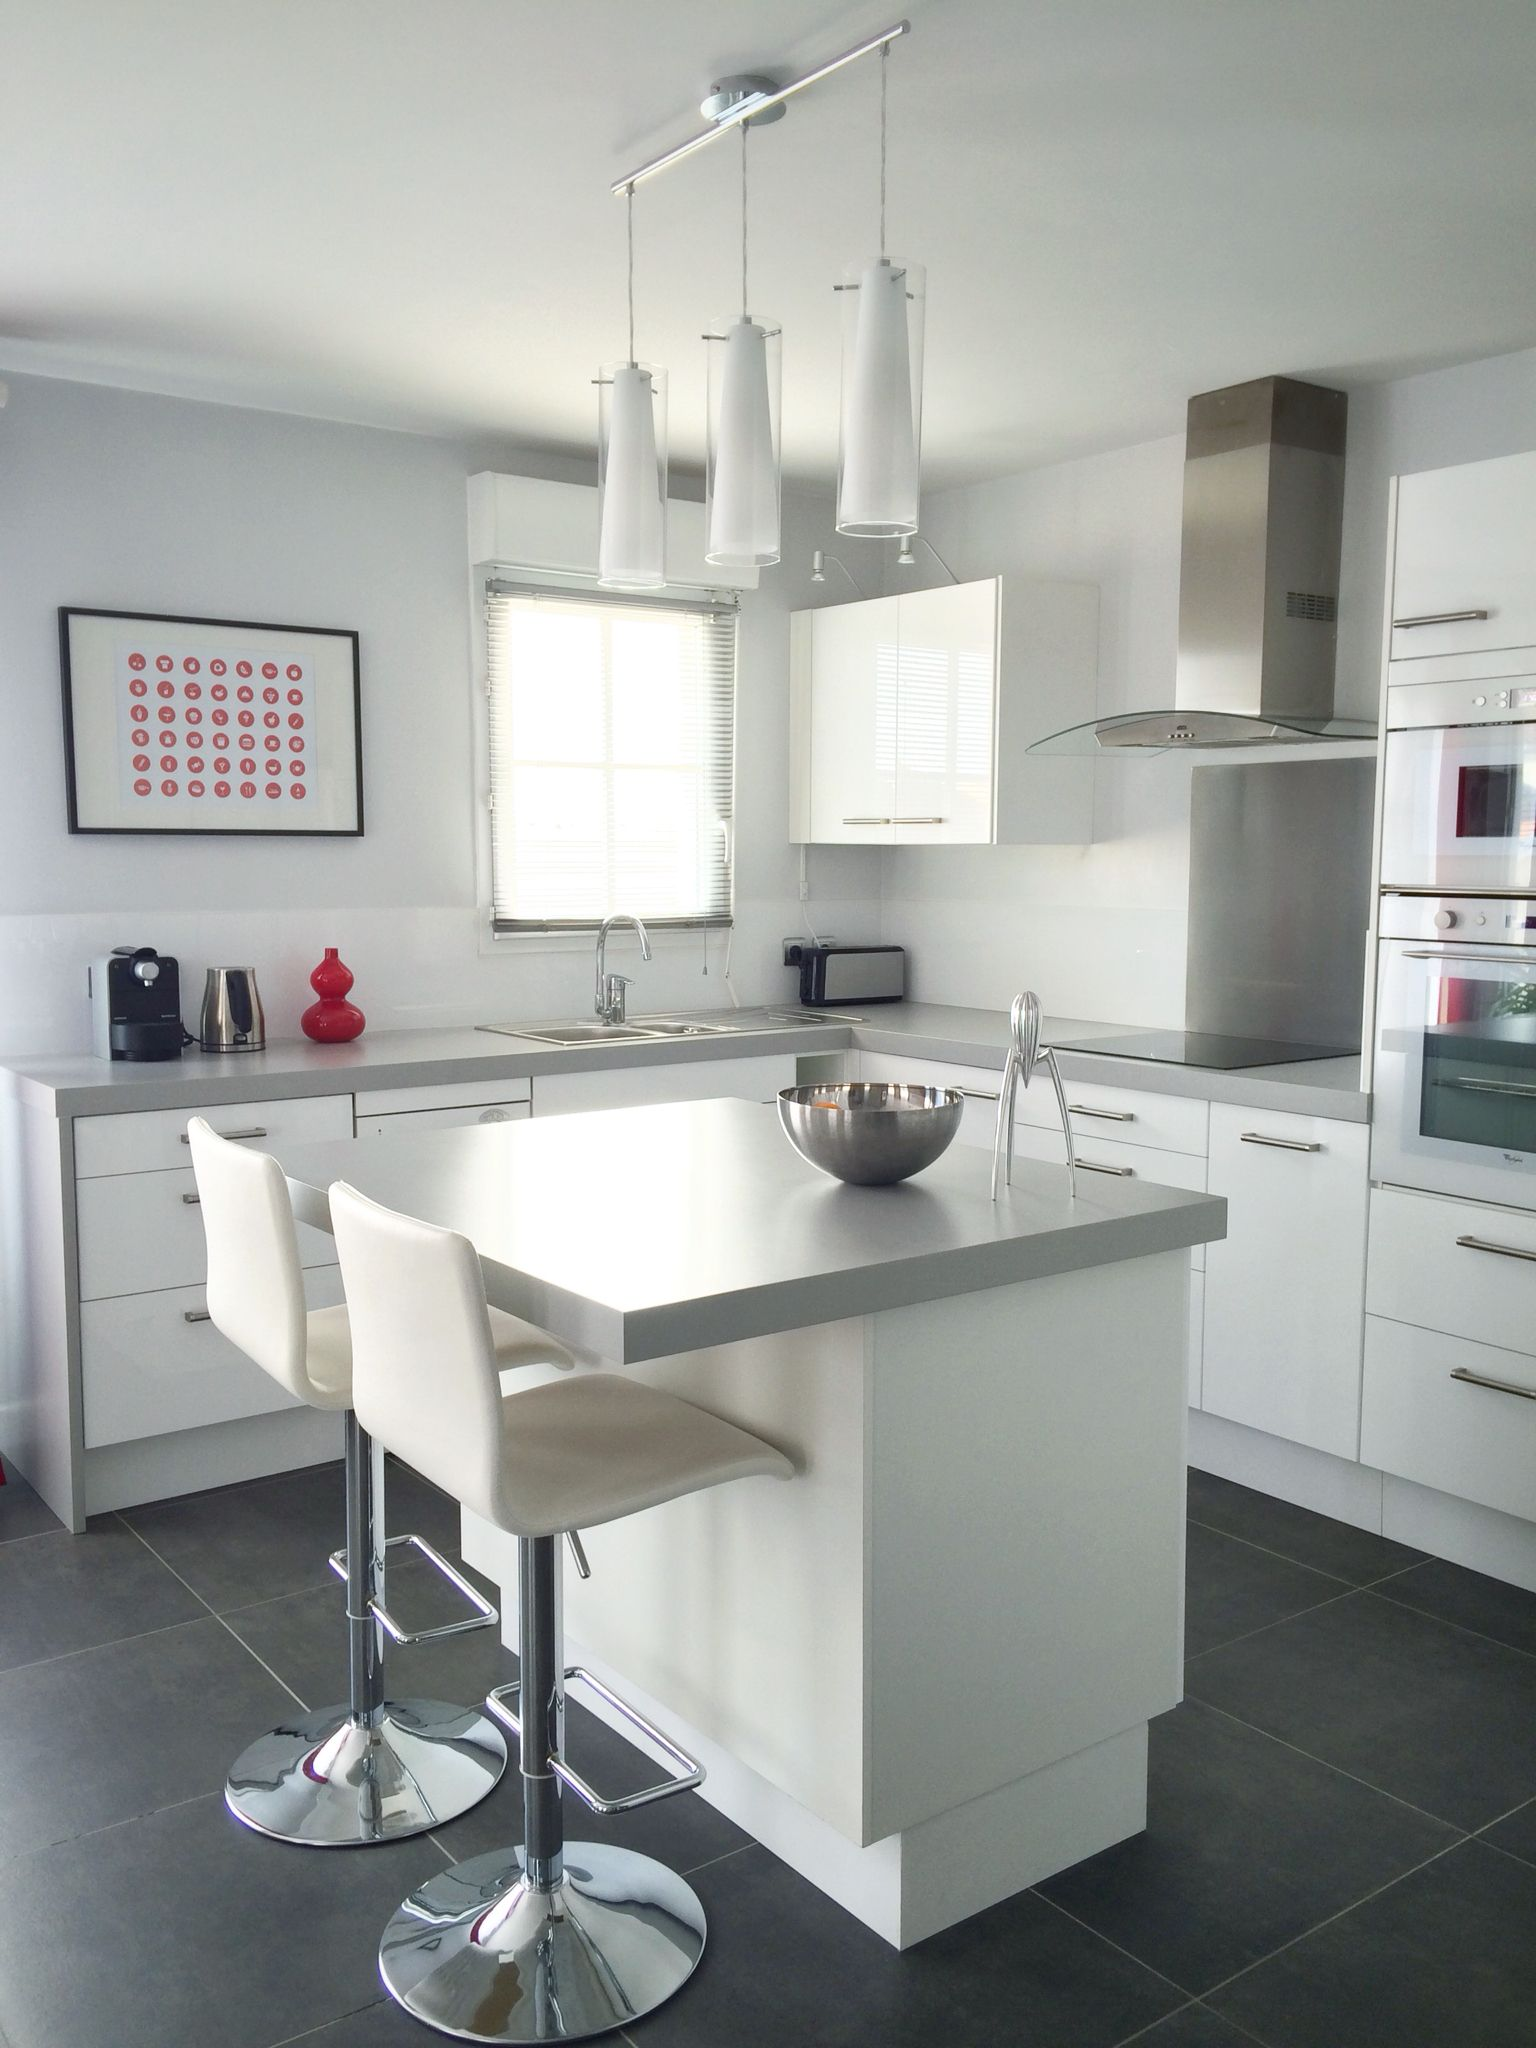 cuisine ouverte avec îlot central, tons blanc et gris - open plan ... - Photo De Cuisine Ouverte Avec Ilot Central